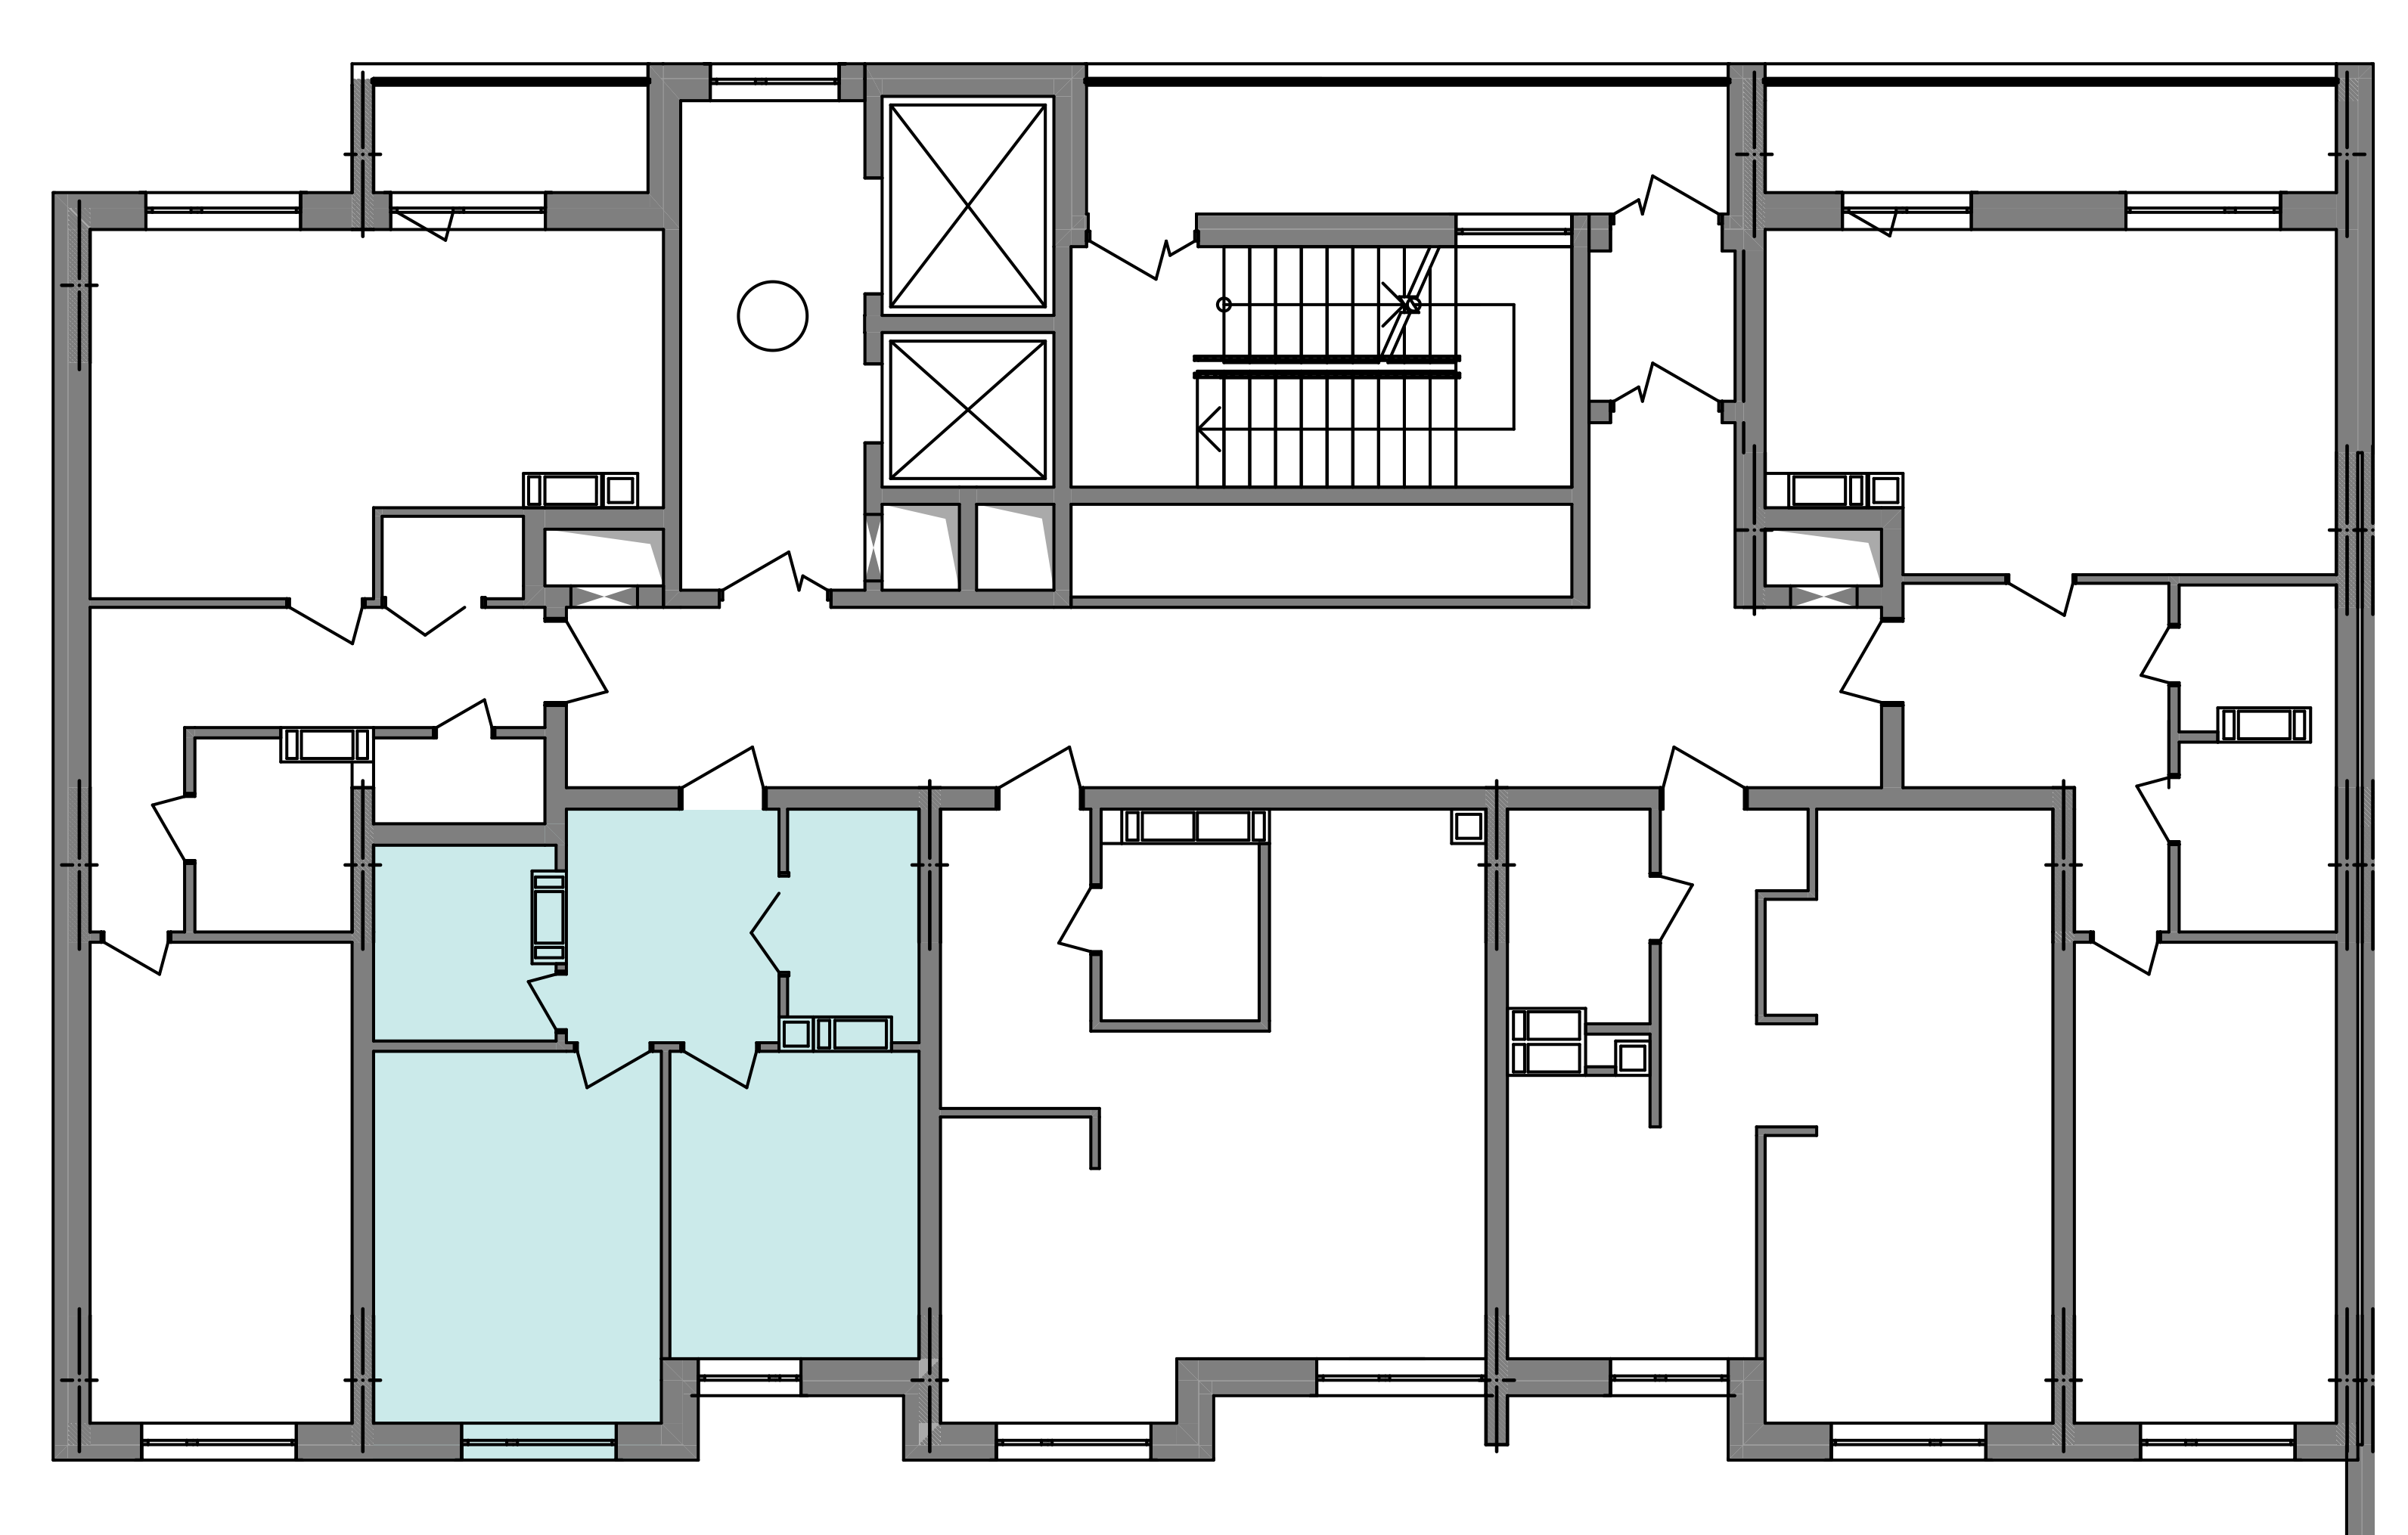 Однокімнатна квартира 38,68 кв.м., тип 1.3, будинок 3 секція 4 розташування на поверсі